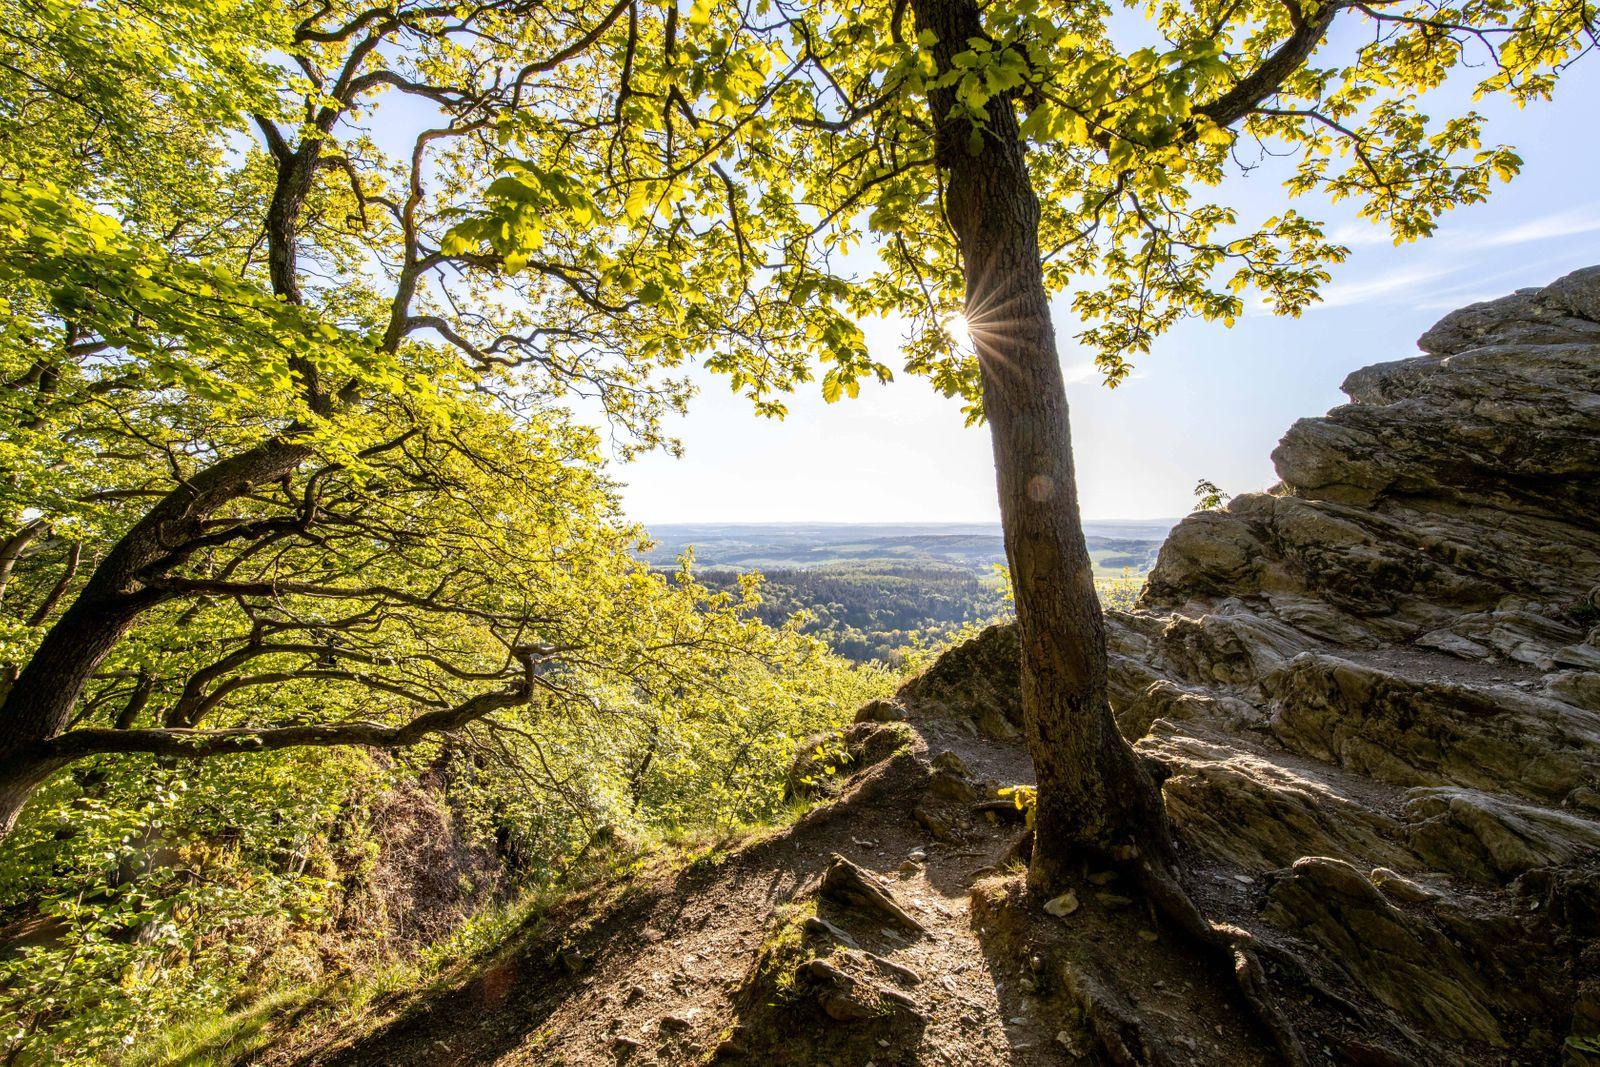 Frühsommerwetter im Taunus 06.05.2020, Glashütten (Hessen): Die Sonne scheint im Wald mit Buchen am Großen Zacken im Ta